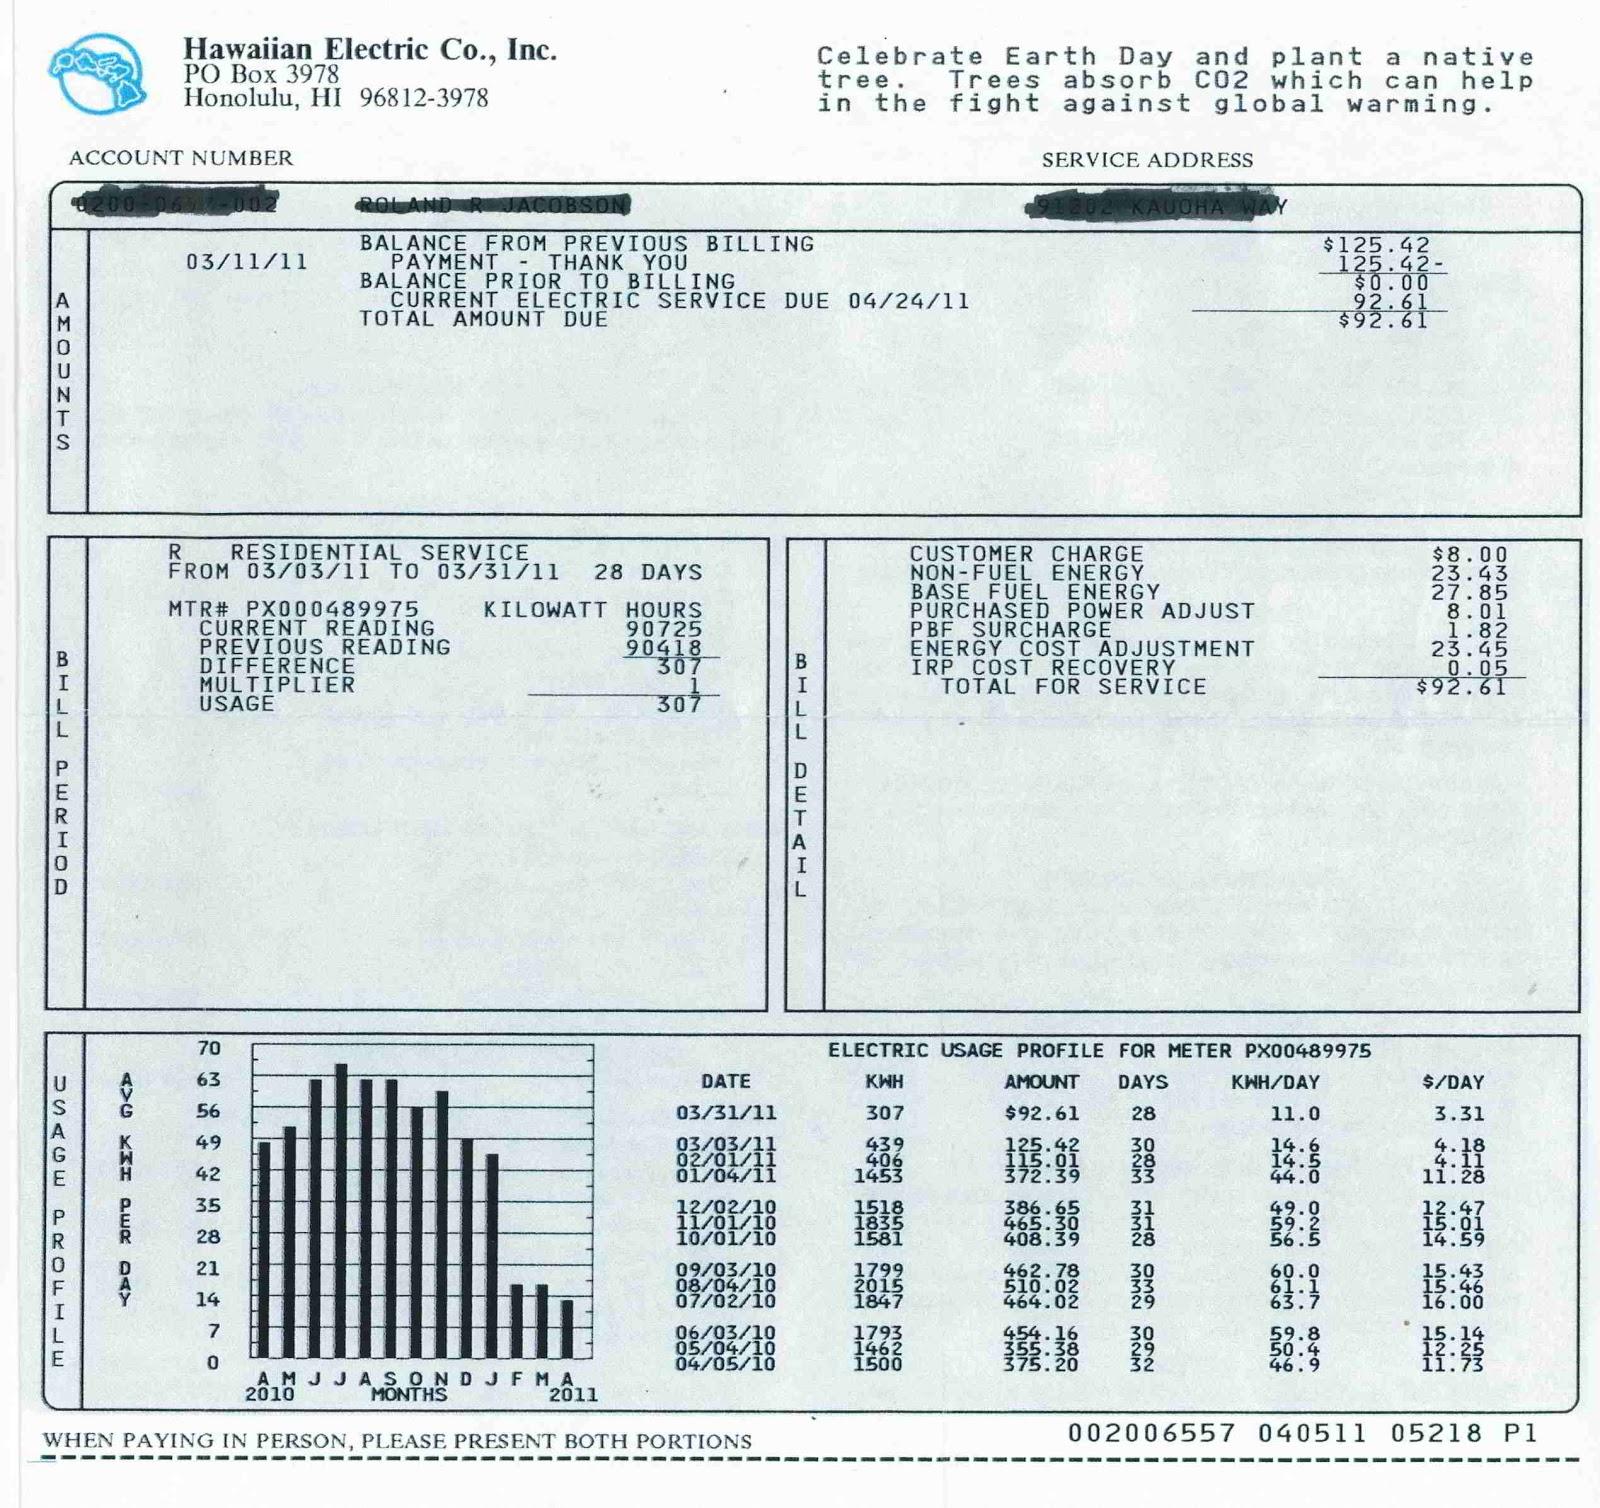 how to read heco net meter bill